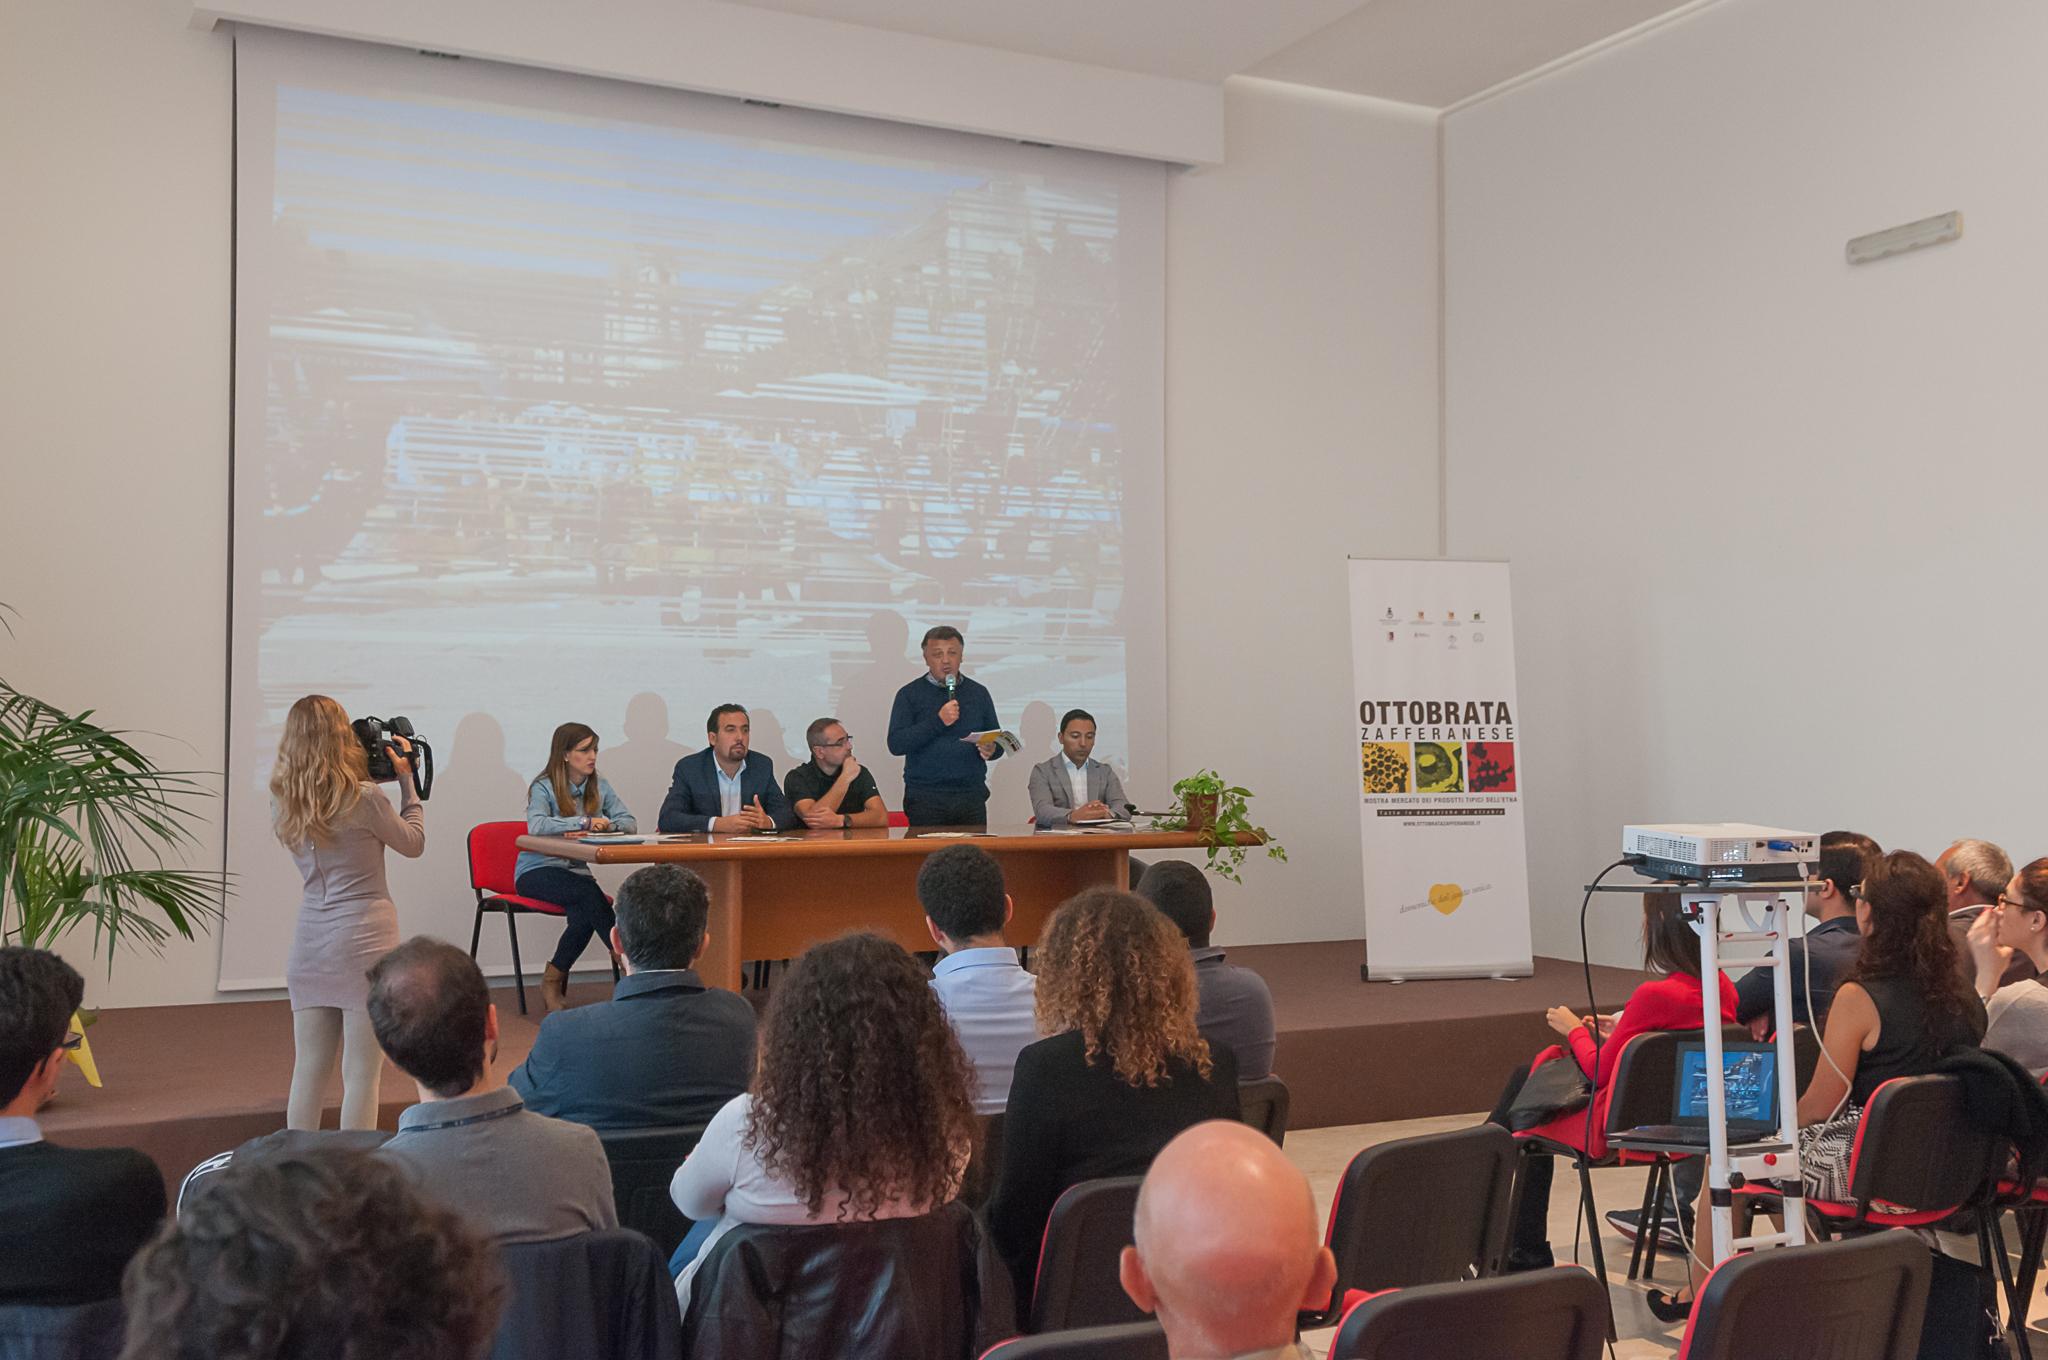 Conferenza Ottobrata 2015